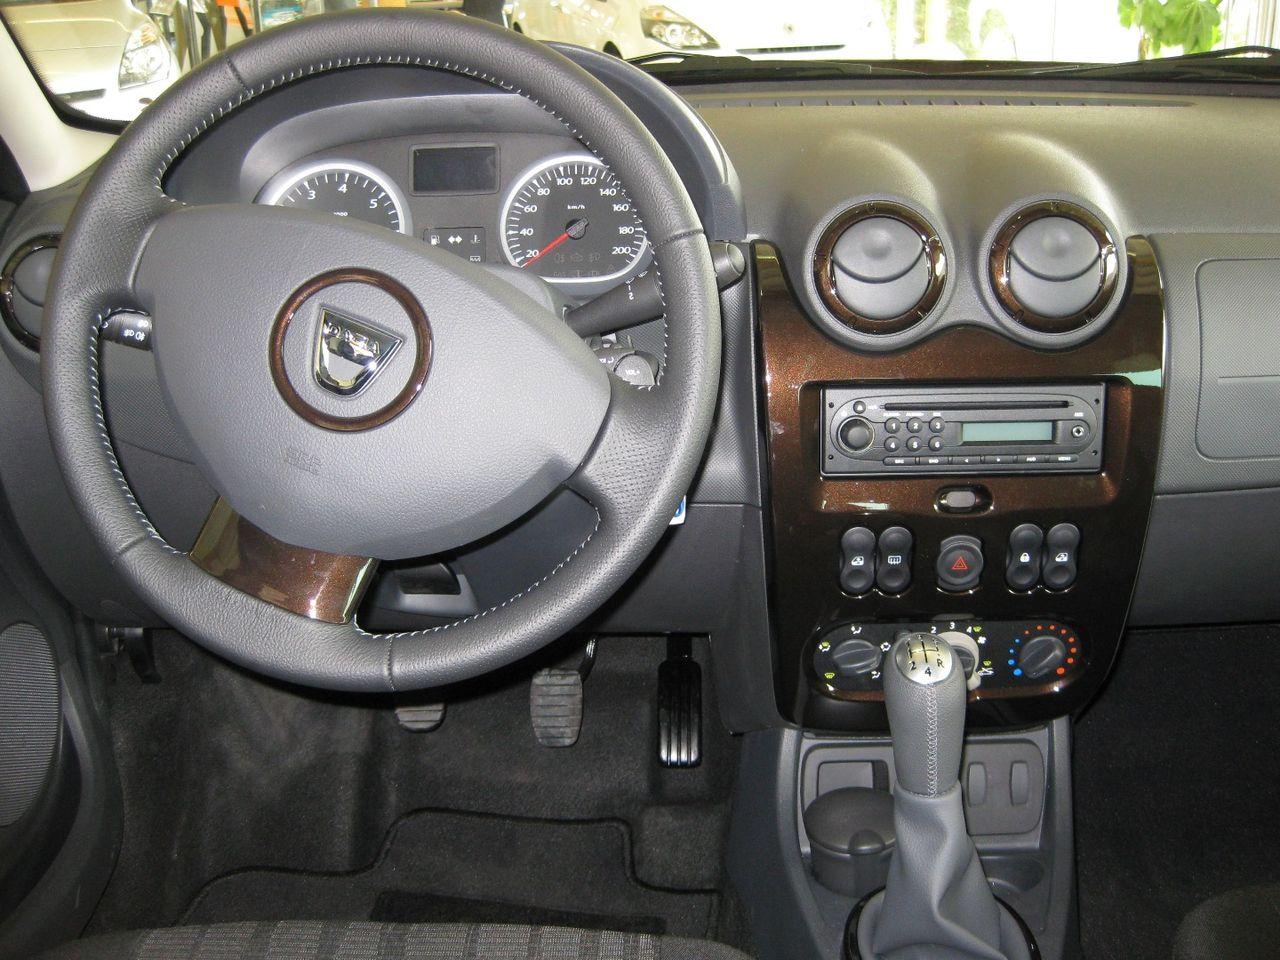 File:Armaturenbrett Dacia Duster.jpg - Wikimedia Commons | {Armaturenbrett 72}